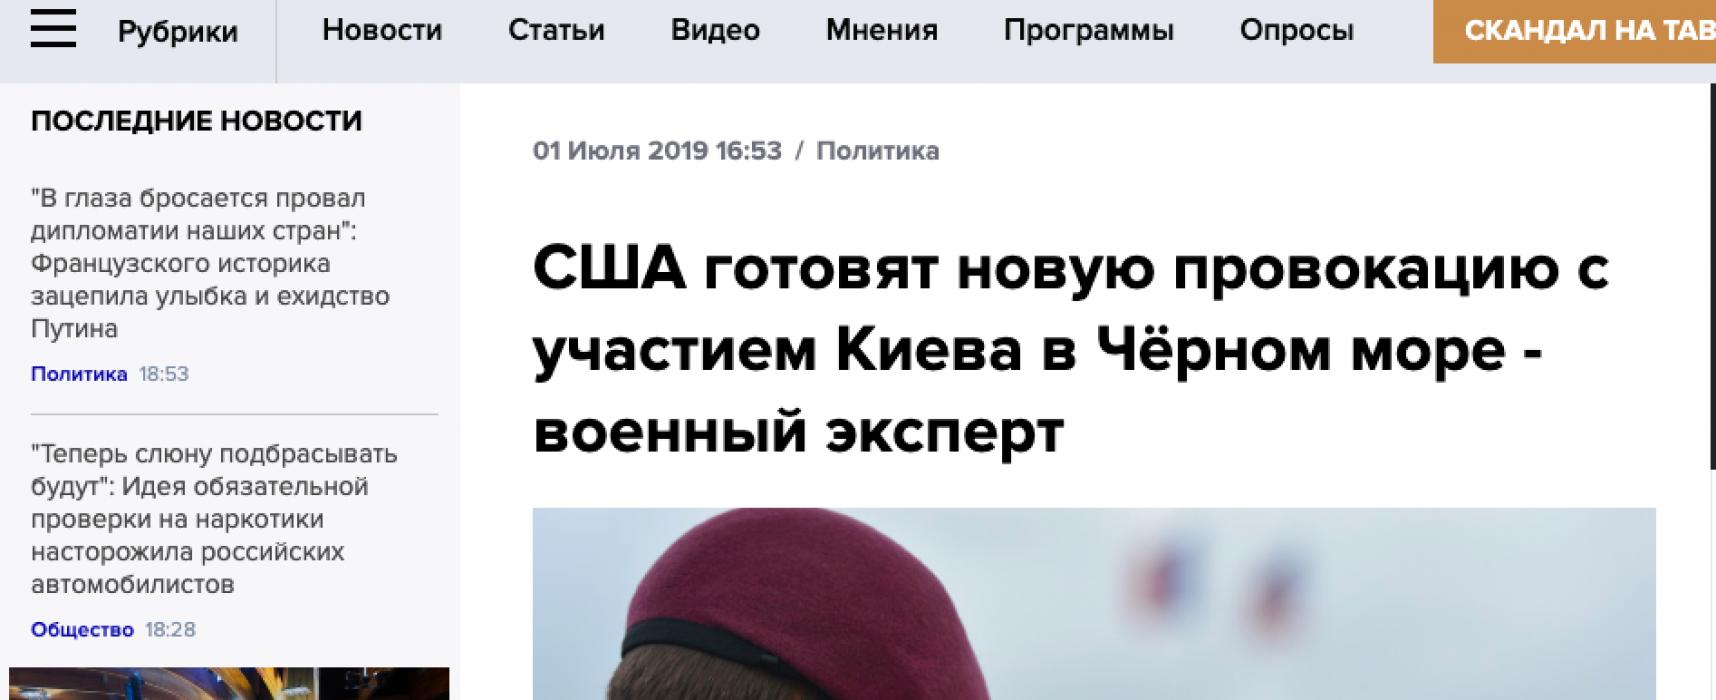 Фейк: Під виглядом маневрів Sea Breeze США готують Київ до «нової провокації» проти Росії